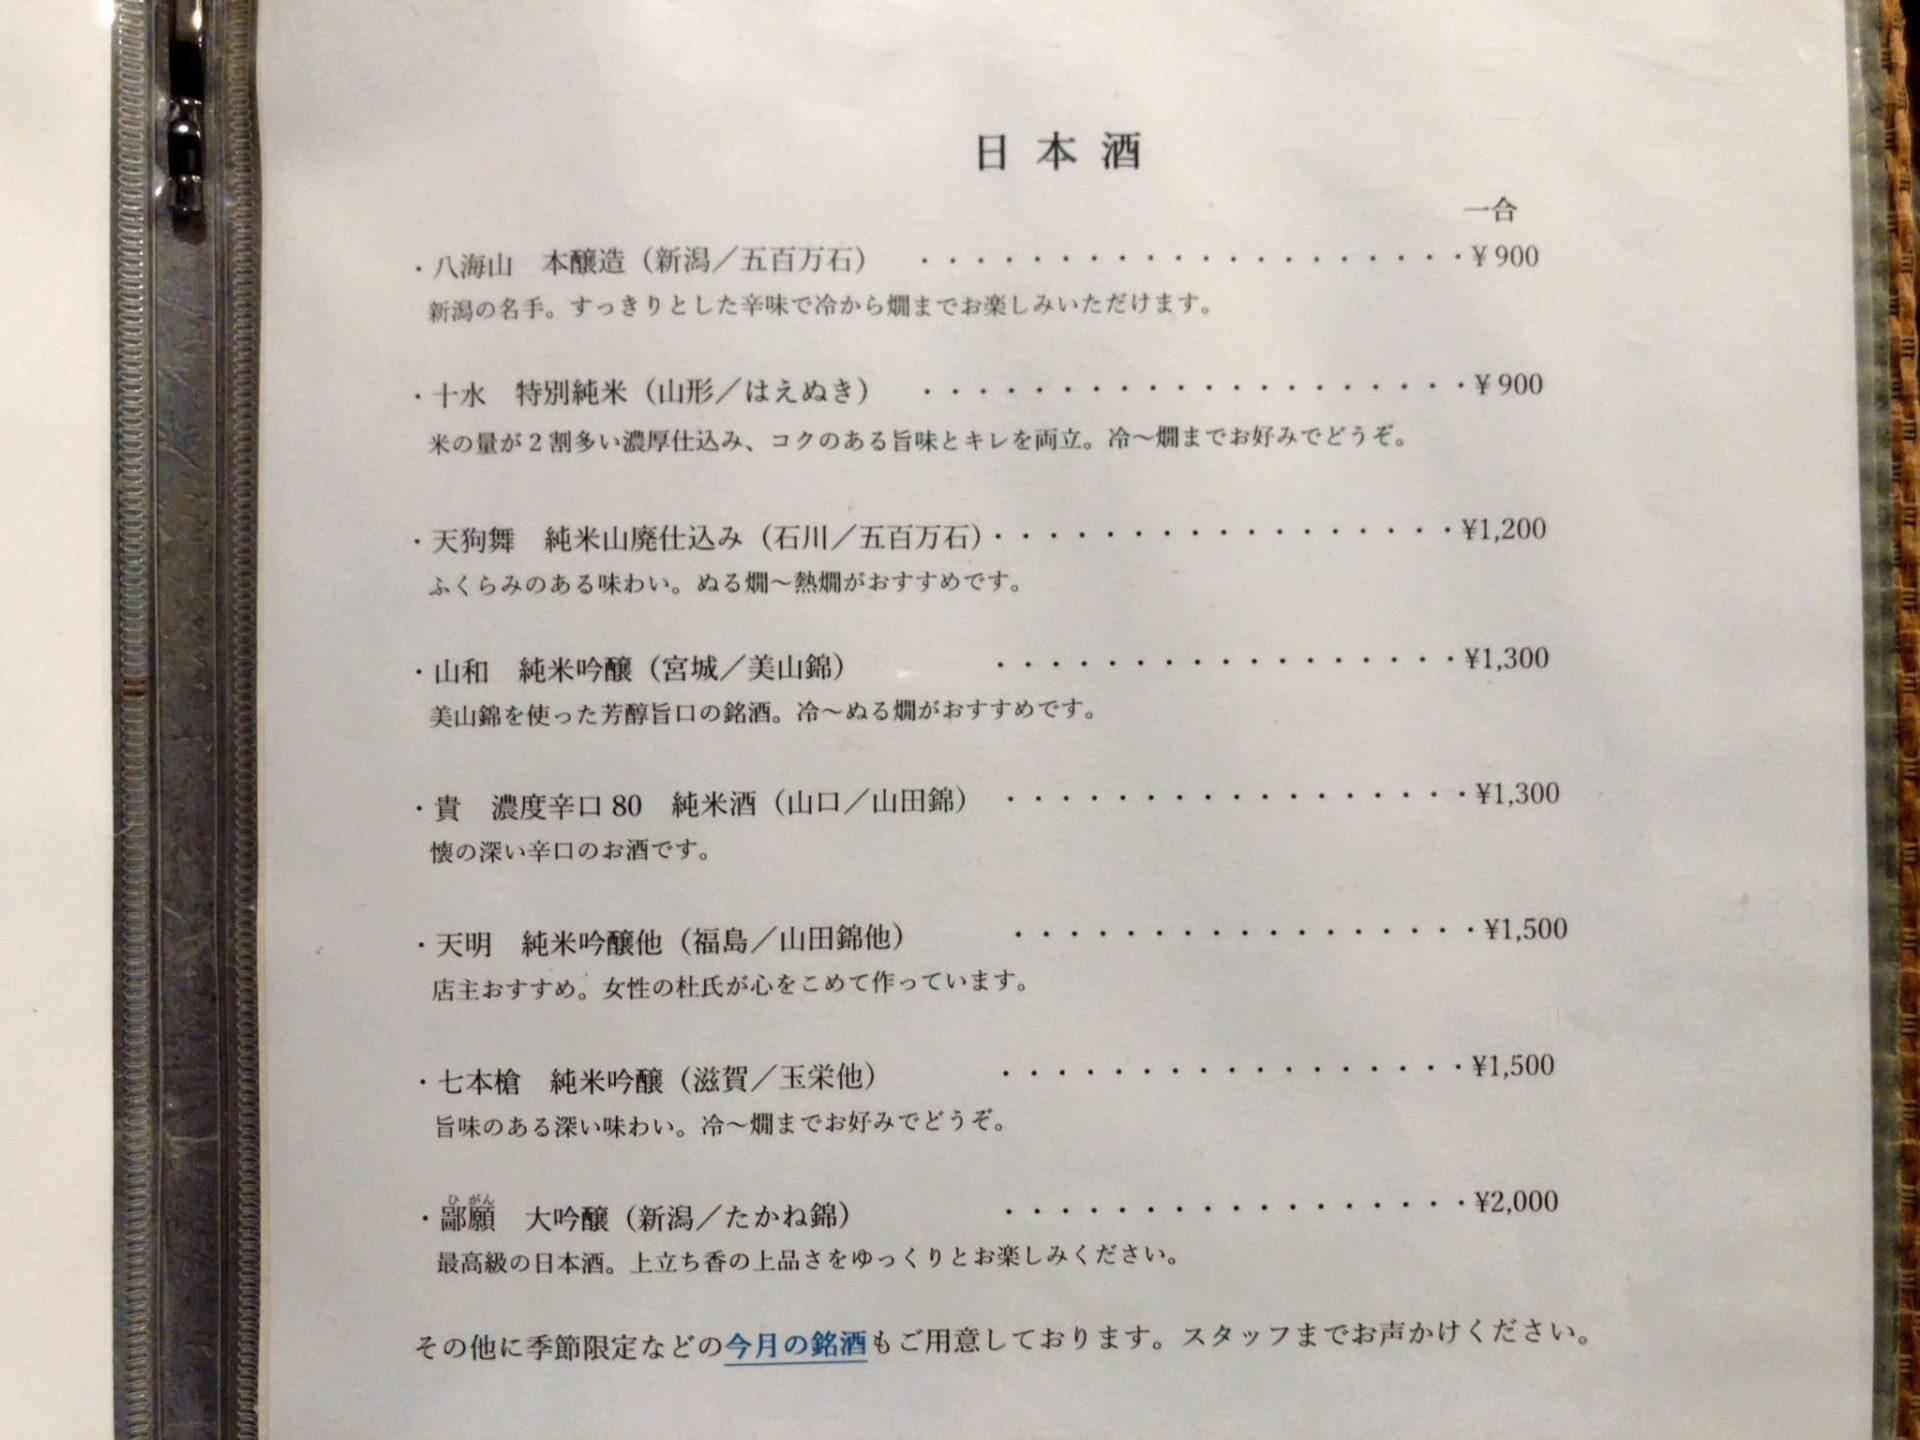 東白庵かりべ 千歳烏山の日本酒メニュー